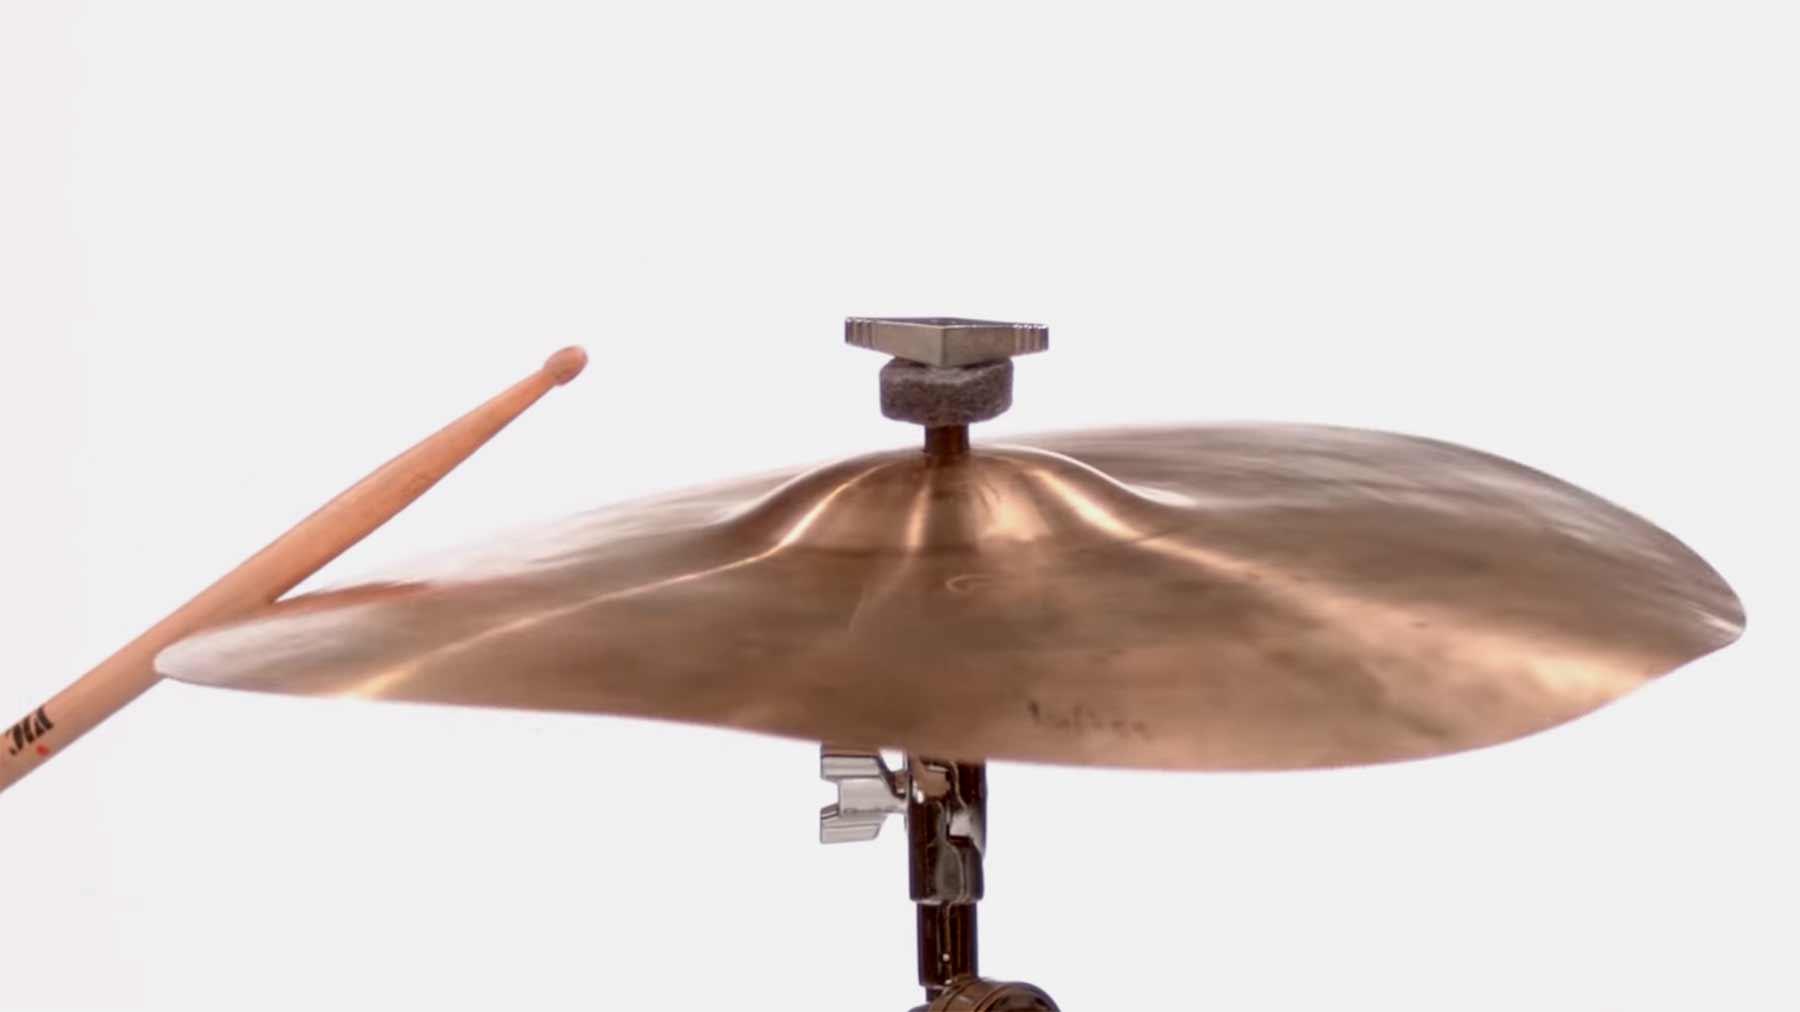 Orchtester-Instrumente in Superzeitlupe gespielt orchesterinstrumente-in-zeitlupe-gespielt